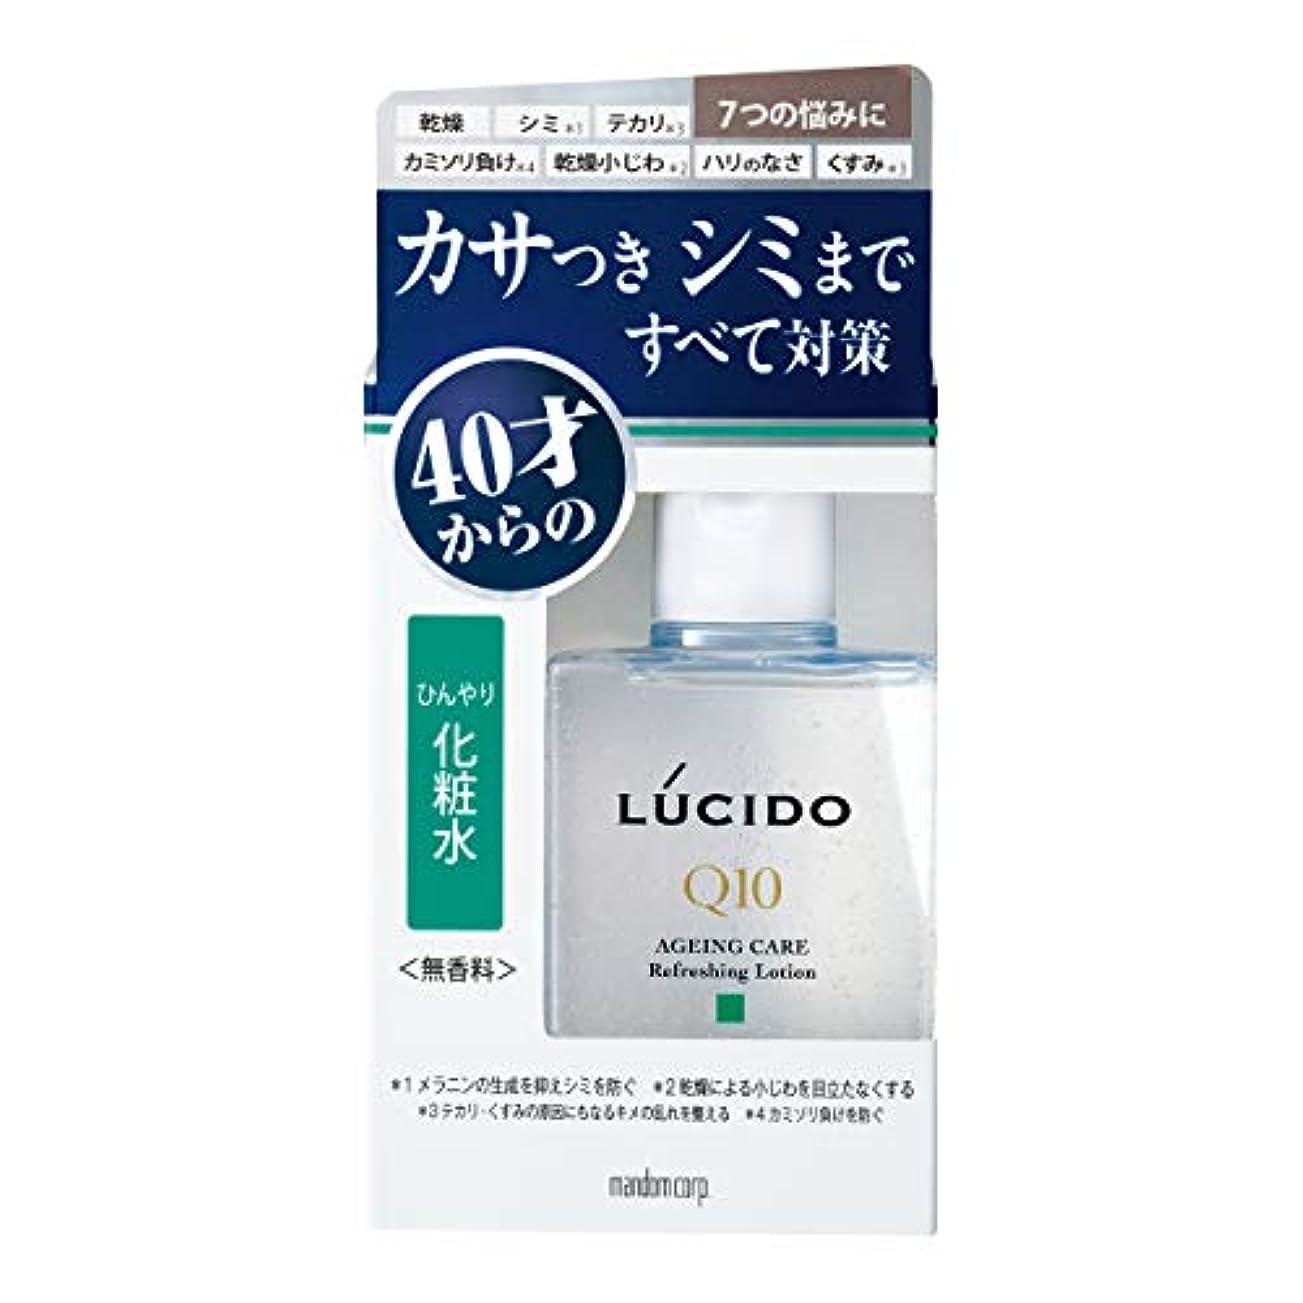 頑丈教他の日ルシード(LUCIDO)薬用 トータルケアひんやり化粧水 メンズ スキンケア さっぱり 110ml(医薬部外品)